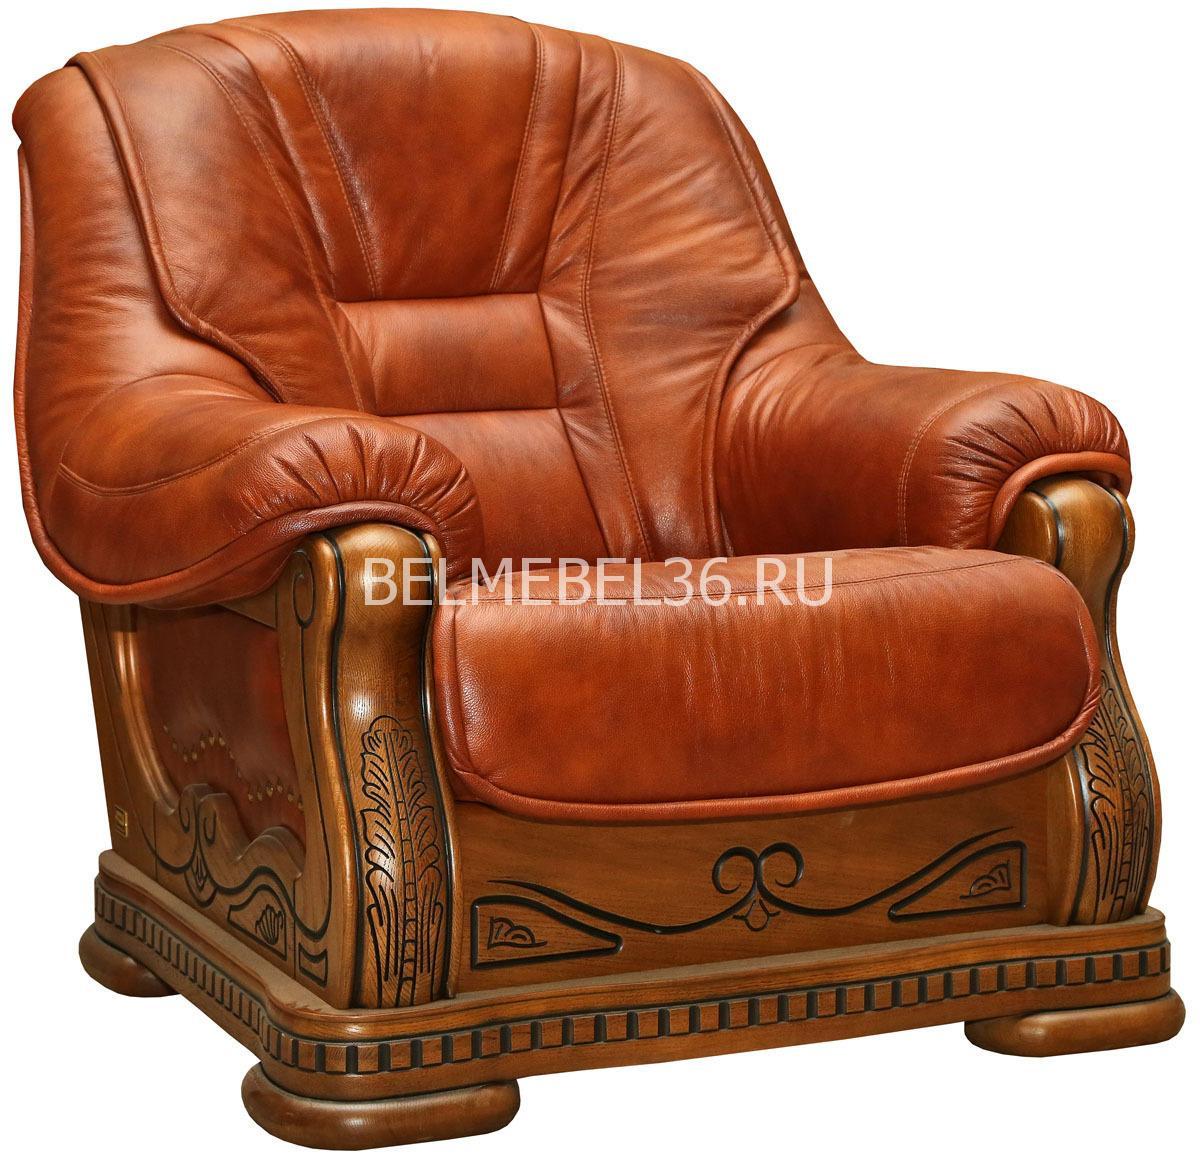 Кресло Консул 23 П-Д077   Белорусская мебель в Воронеже